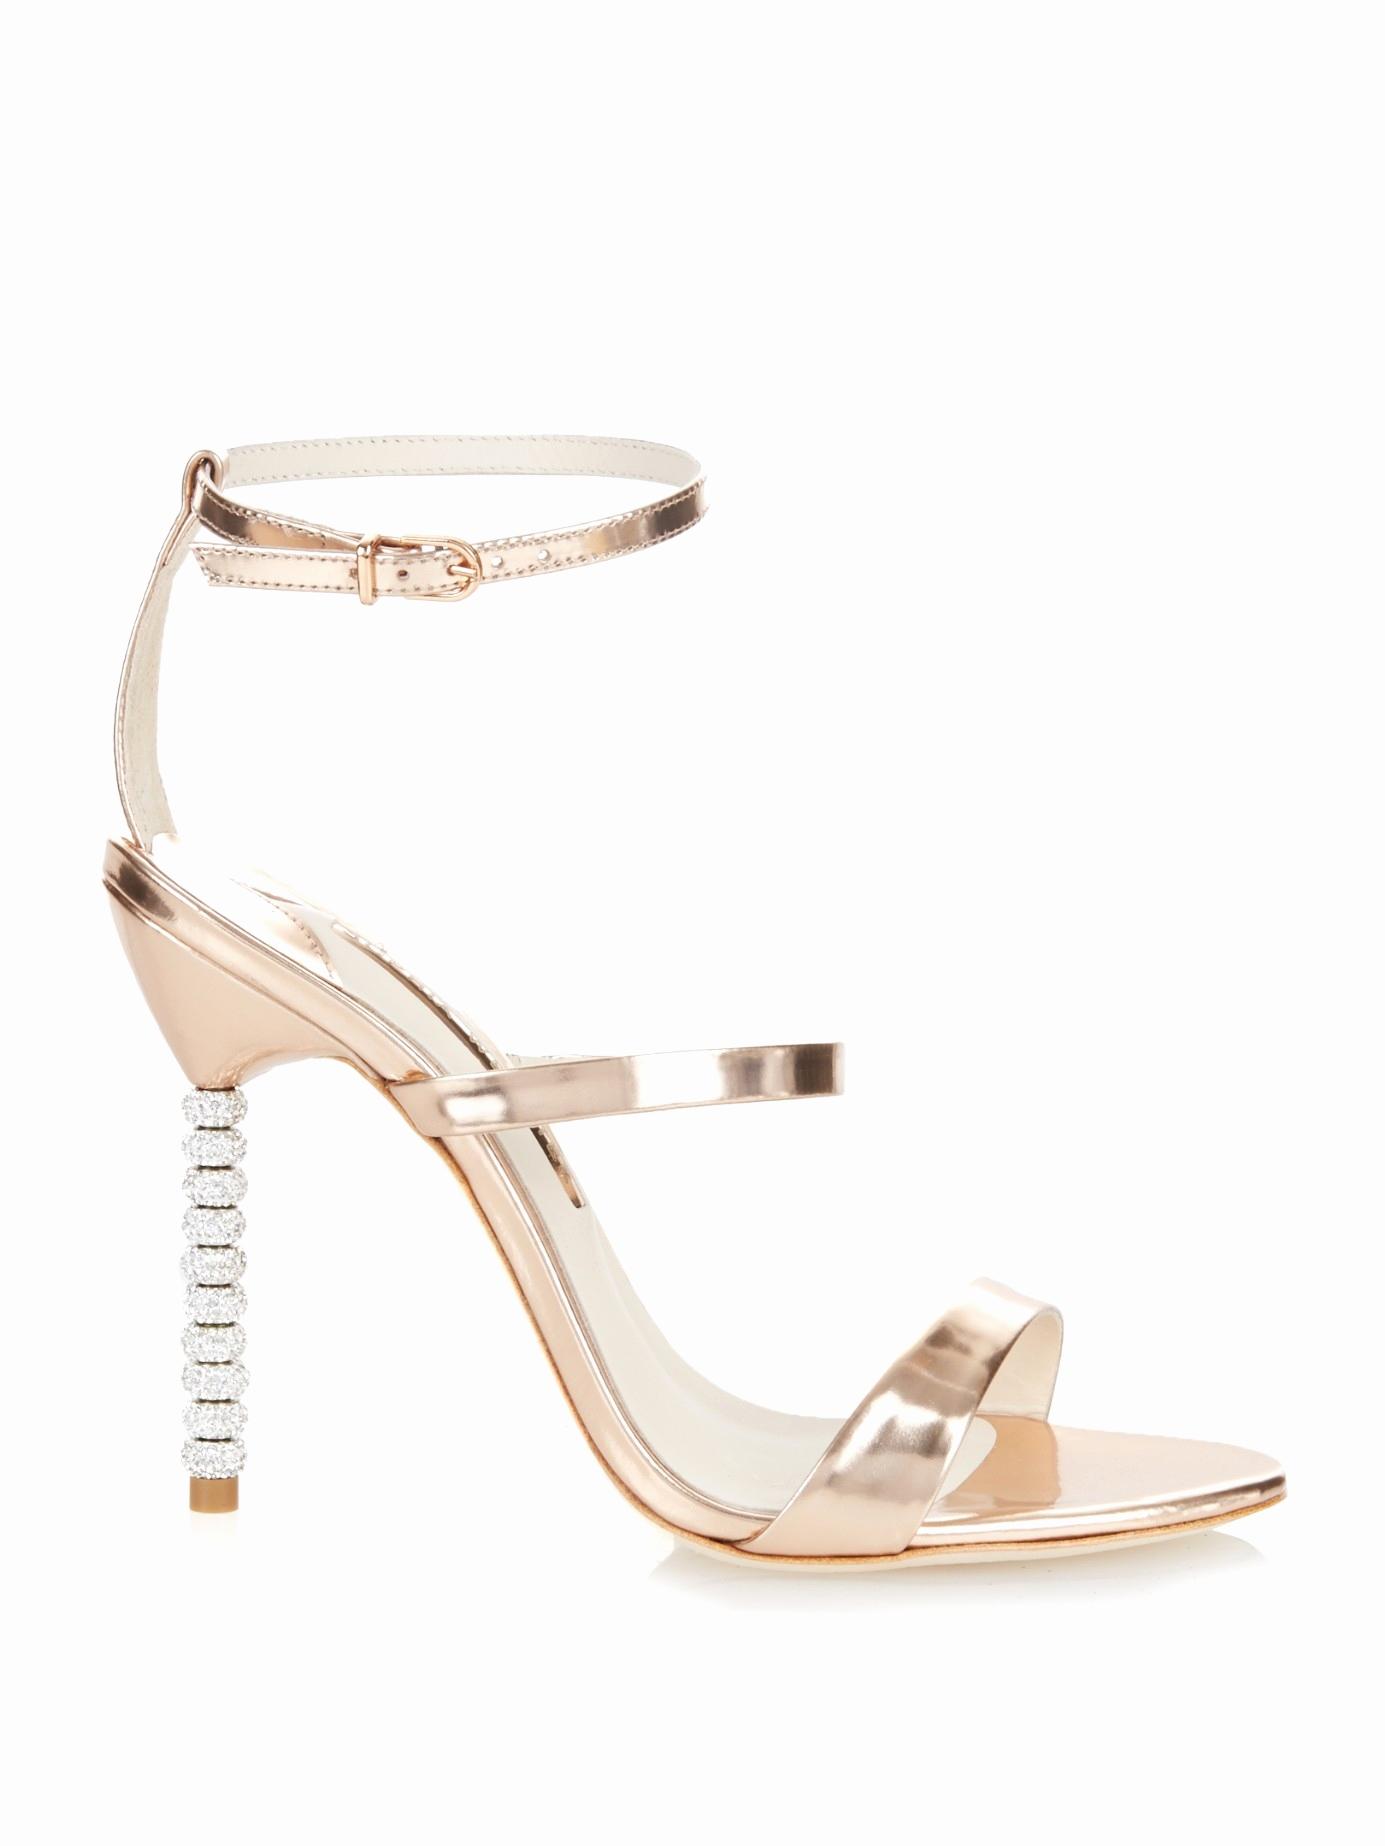 bd3a2d950 sophia webster wedding shoes Elegant Sophia webster Rosalind Crystal Heel  Metallic Leather Sandals in